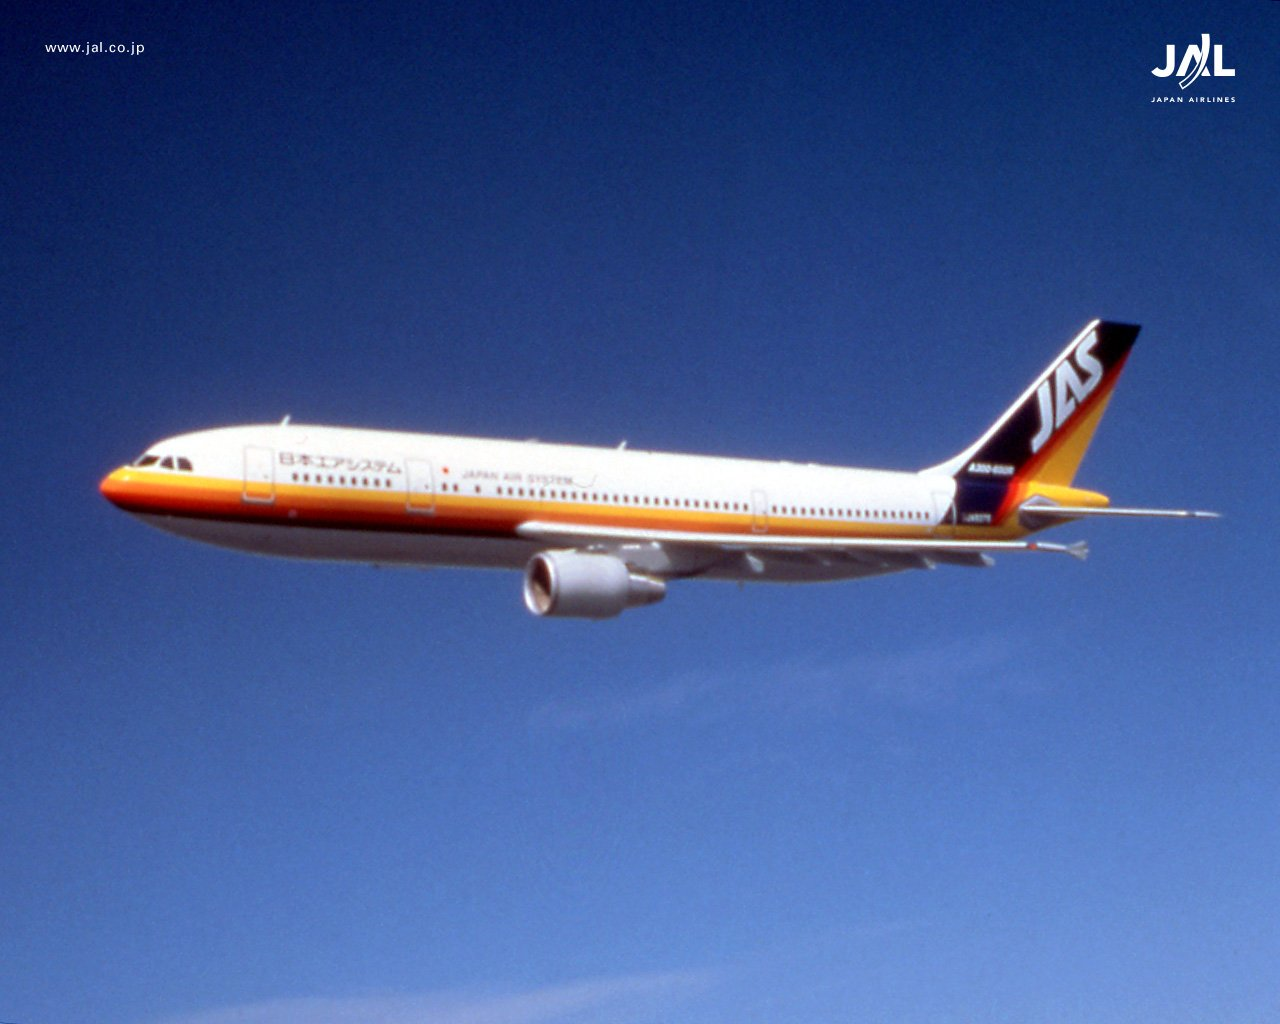 日本民航飞机波音空客麦道等飞机高清图片素材(34p)